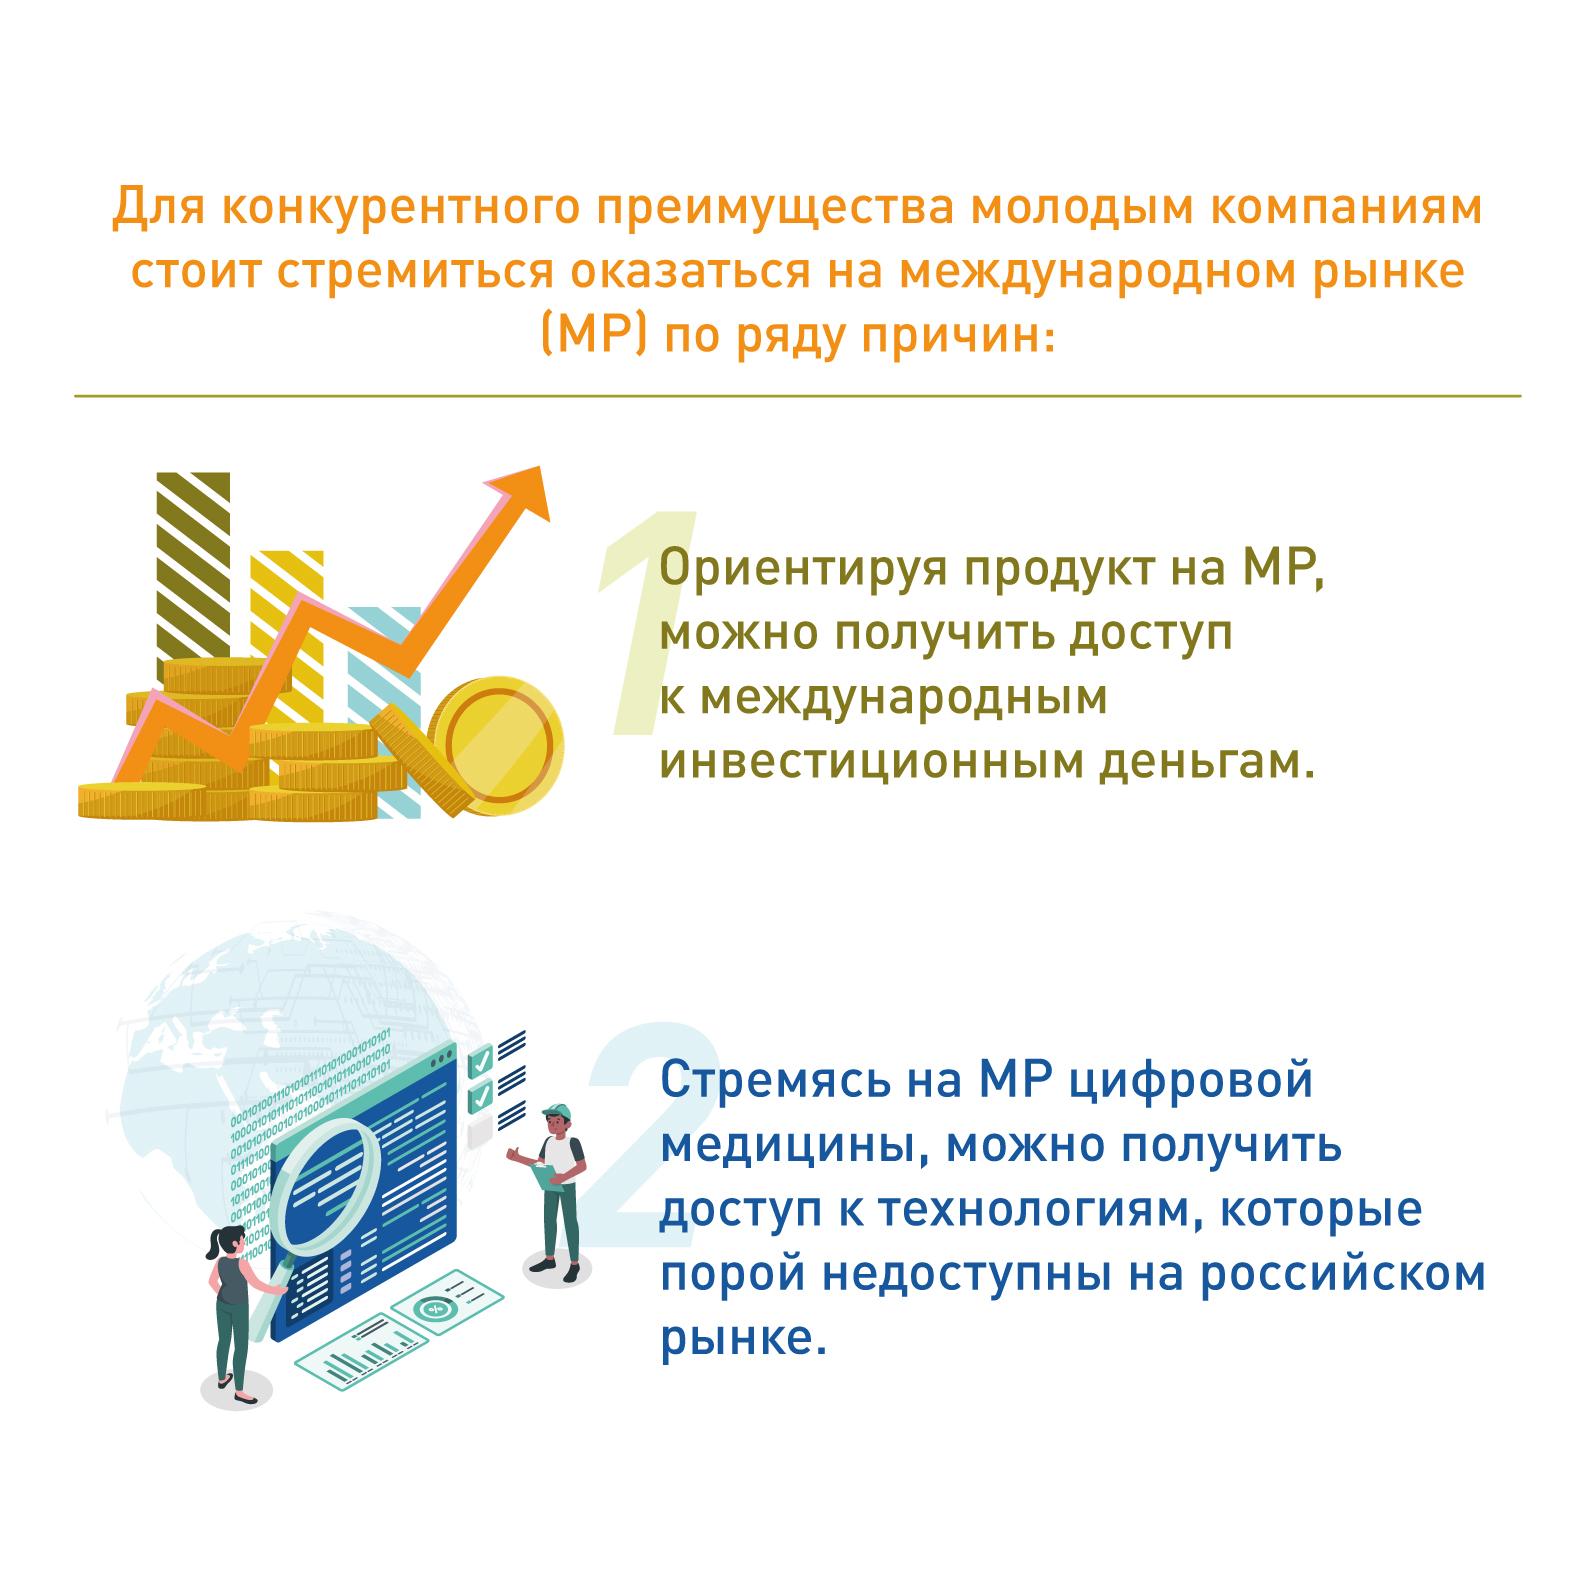 Почему российским стартапам нужно оказаться на международом рынке